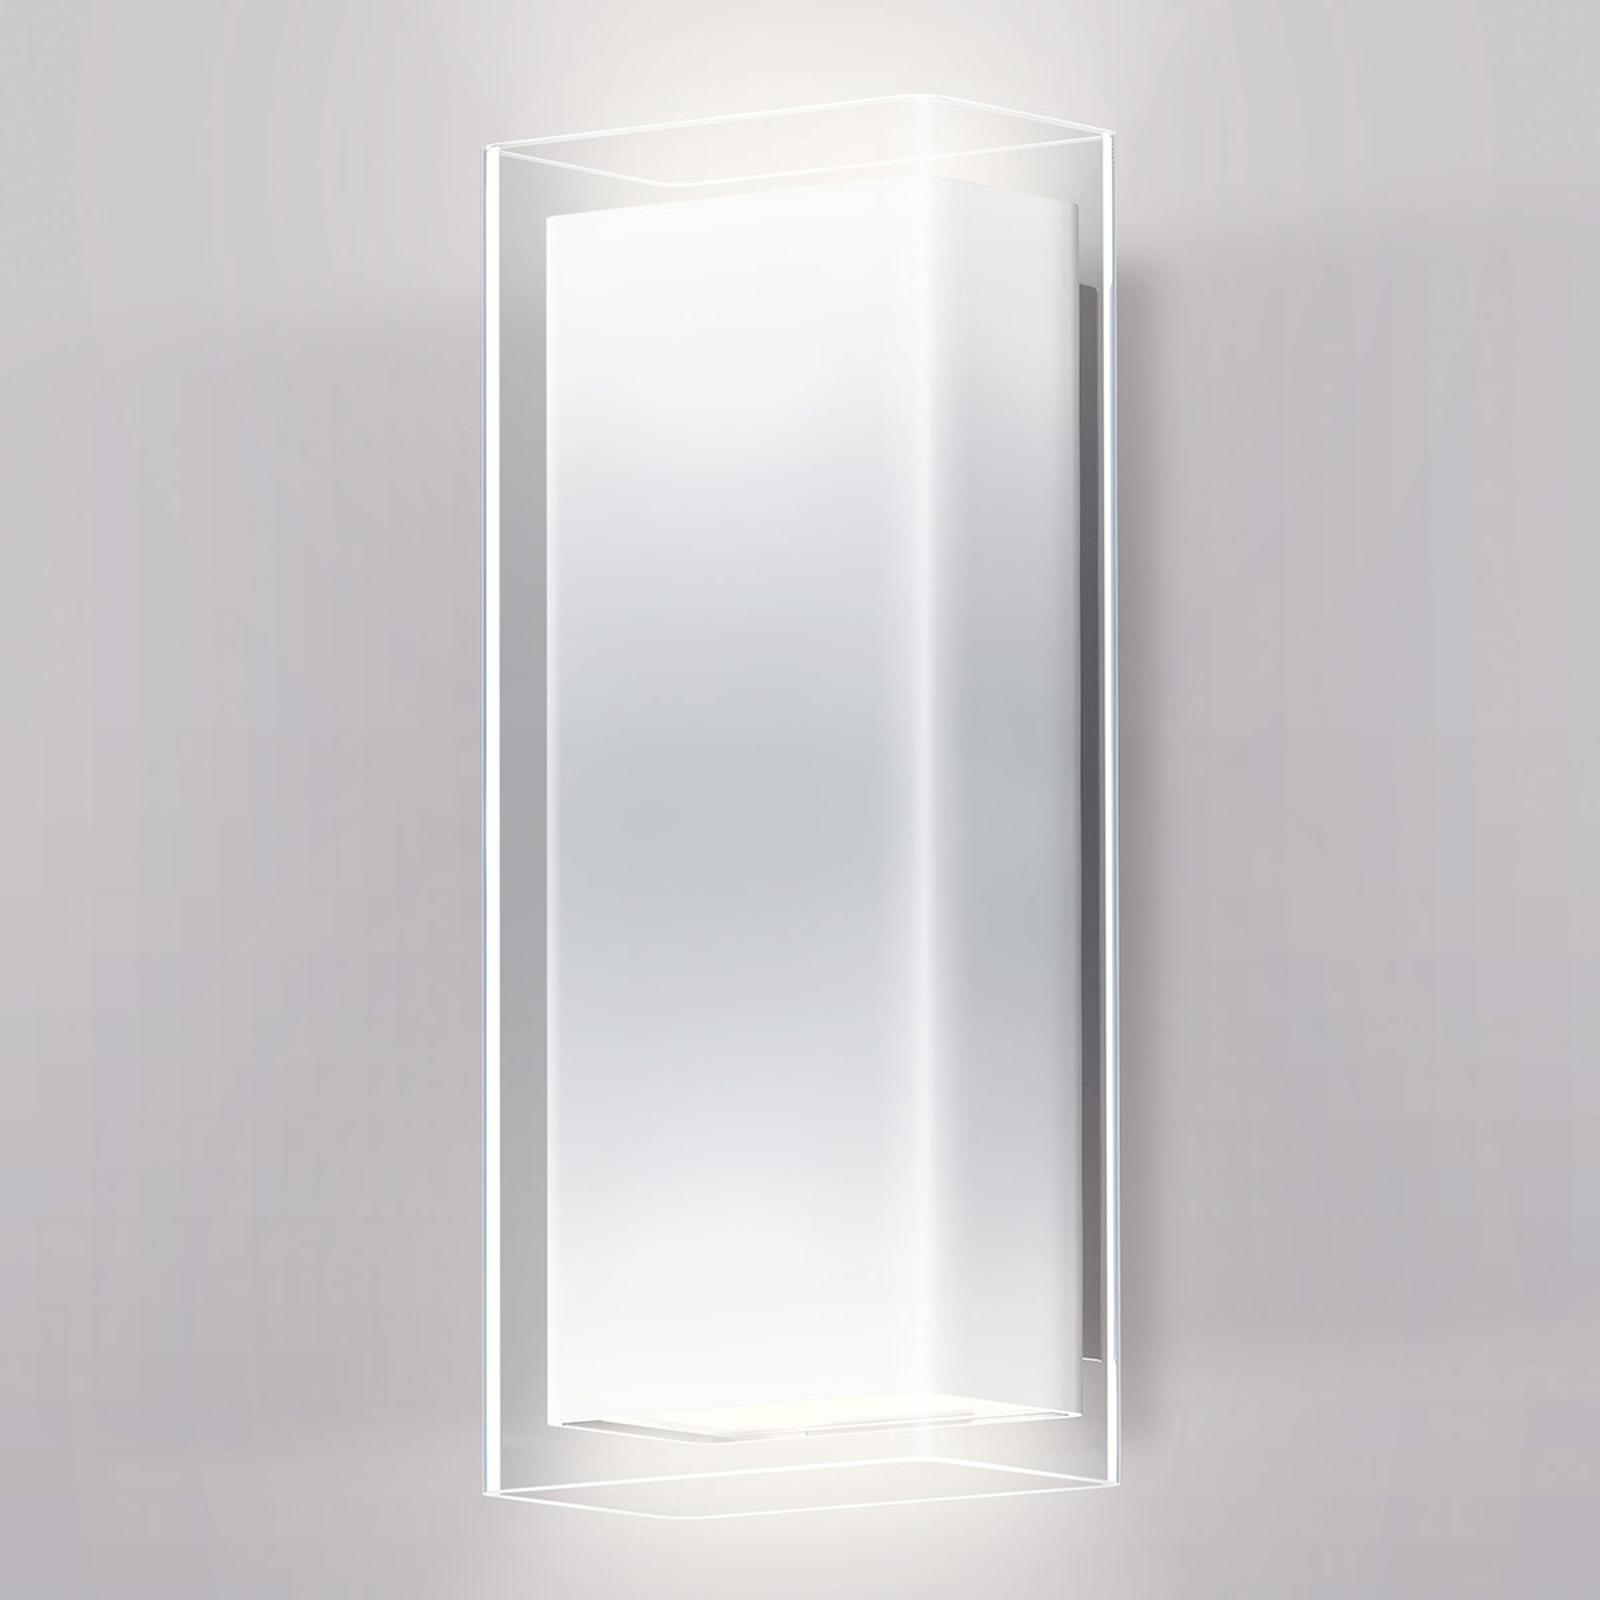 serien.lighting Rod Wall applique LED opale